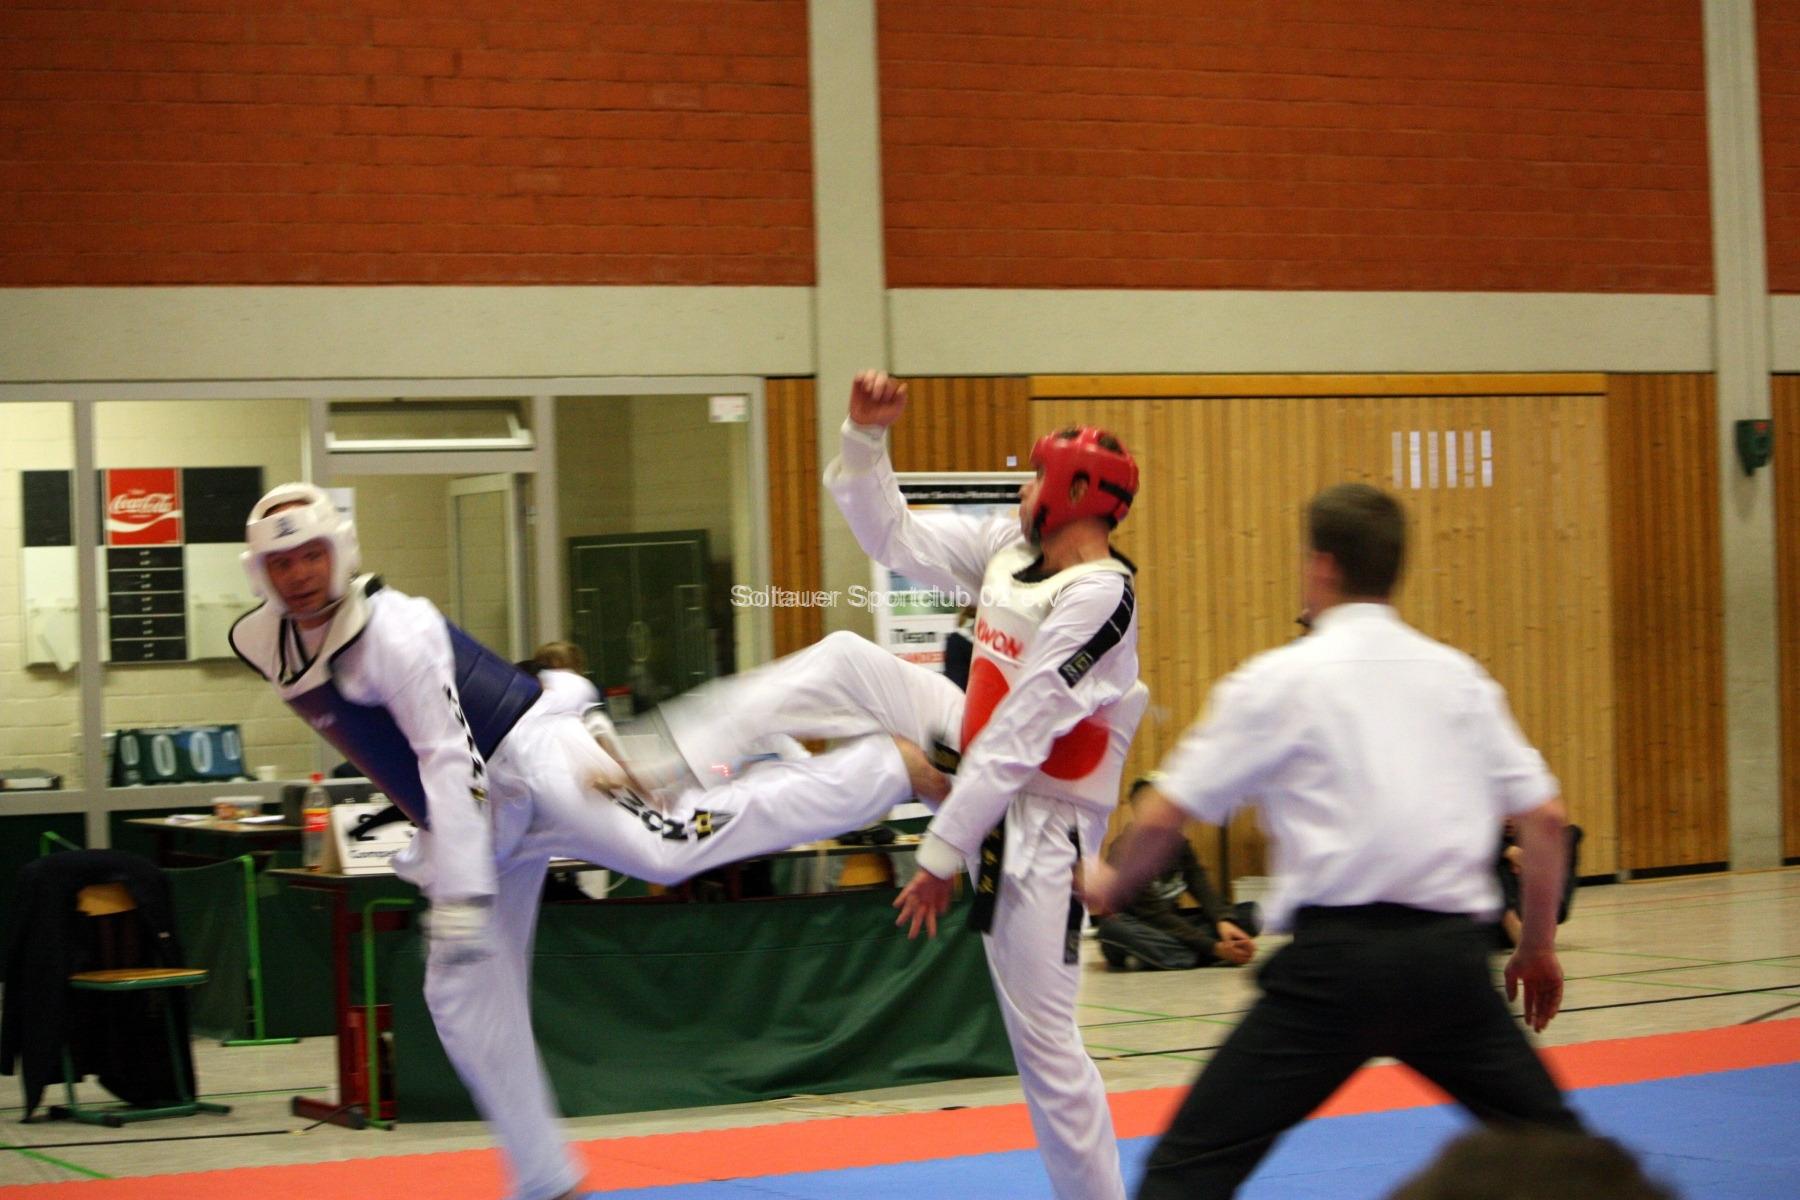 20091121-nds-meisterschaft-fk2-084